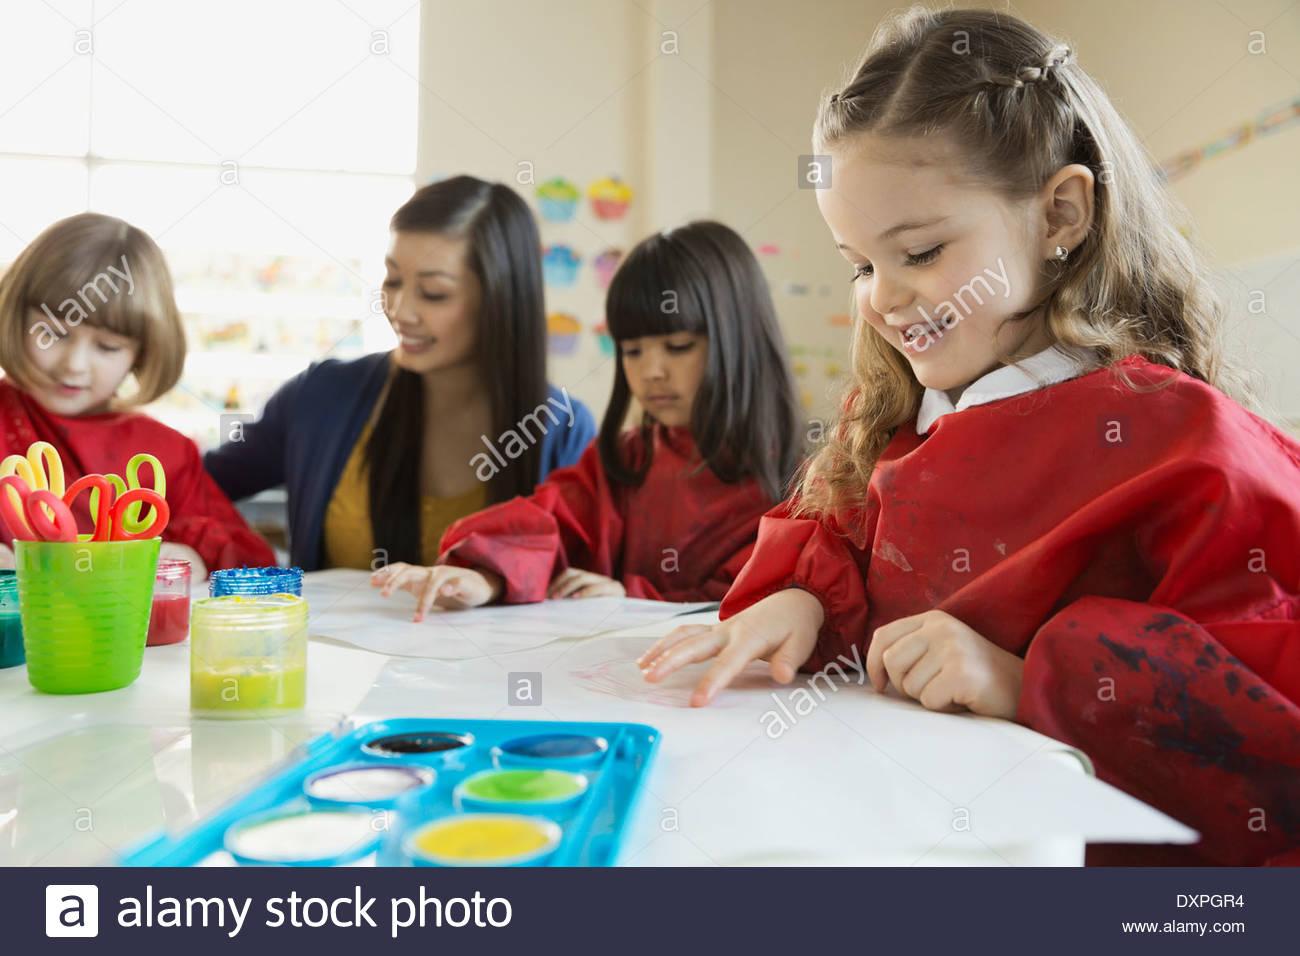 Insegnante con ragazze dito pittura in classe d'arte Immagini Stock